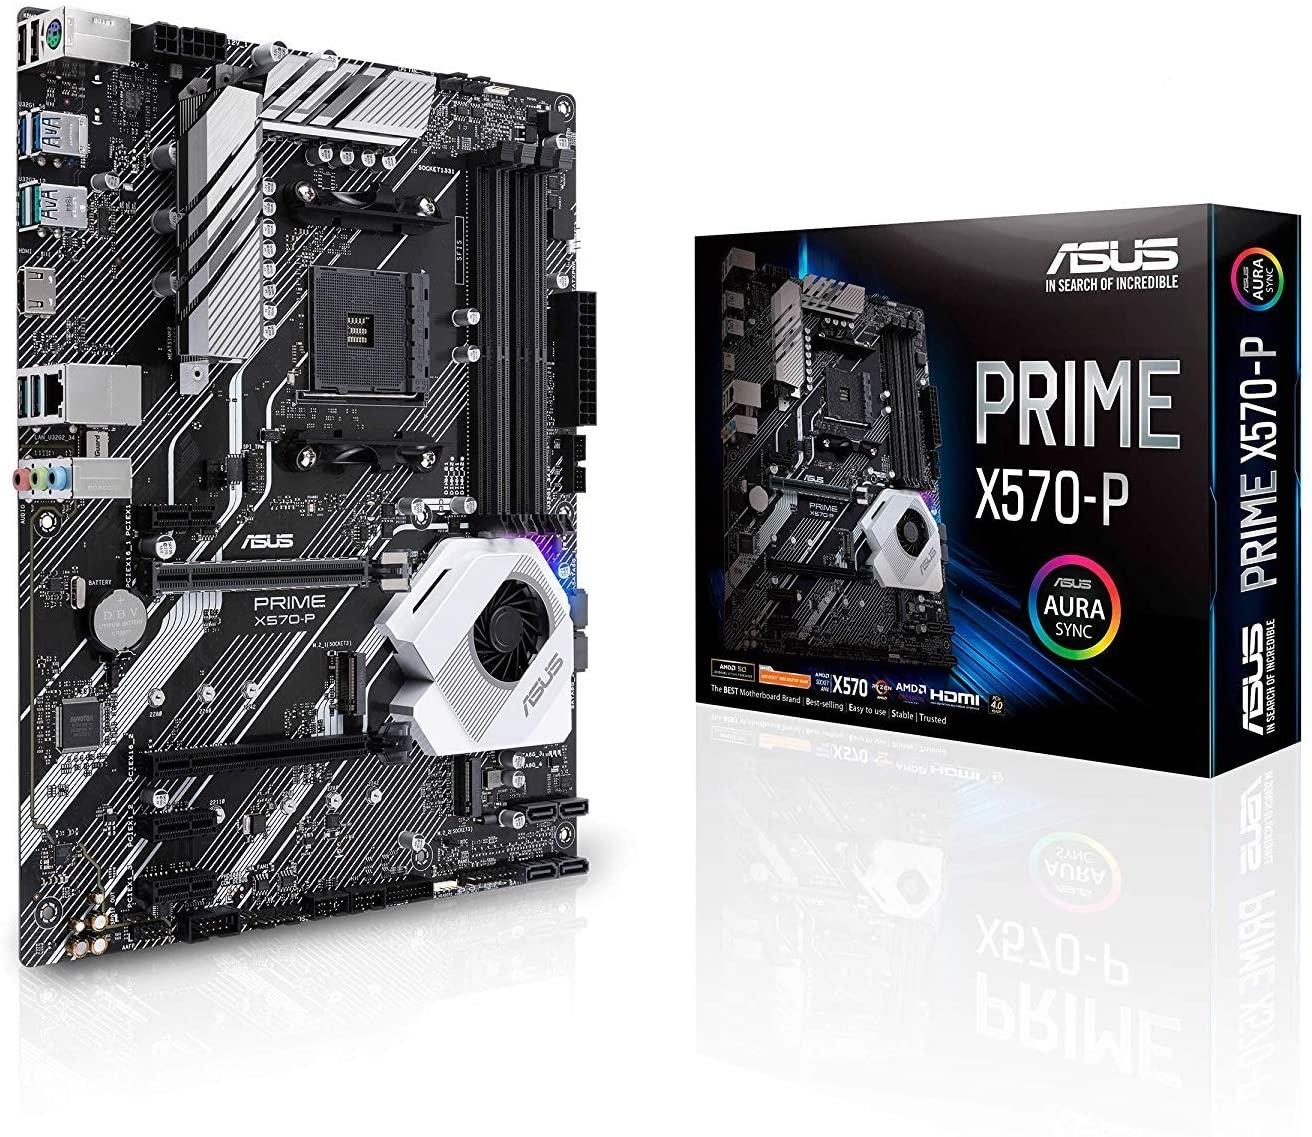 Płyta główna ASUS Prime X570-P (AMD, AM4, ATX)